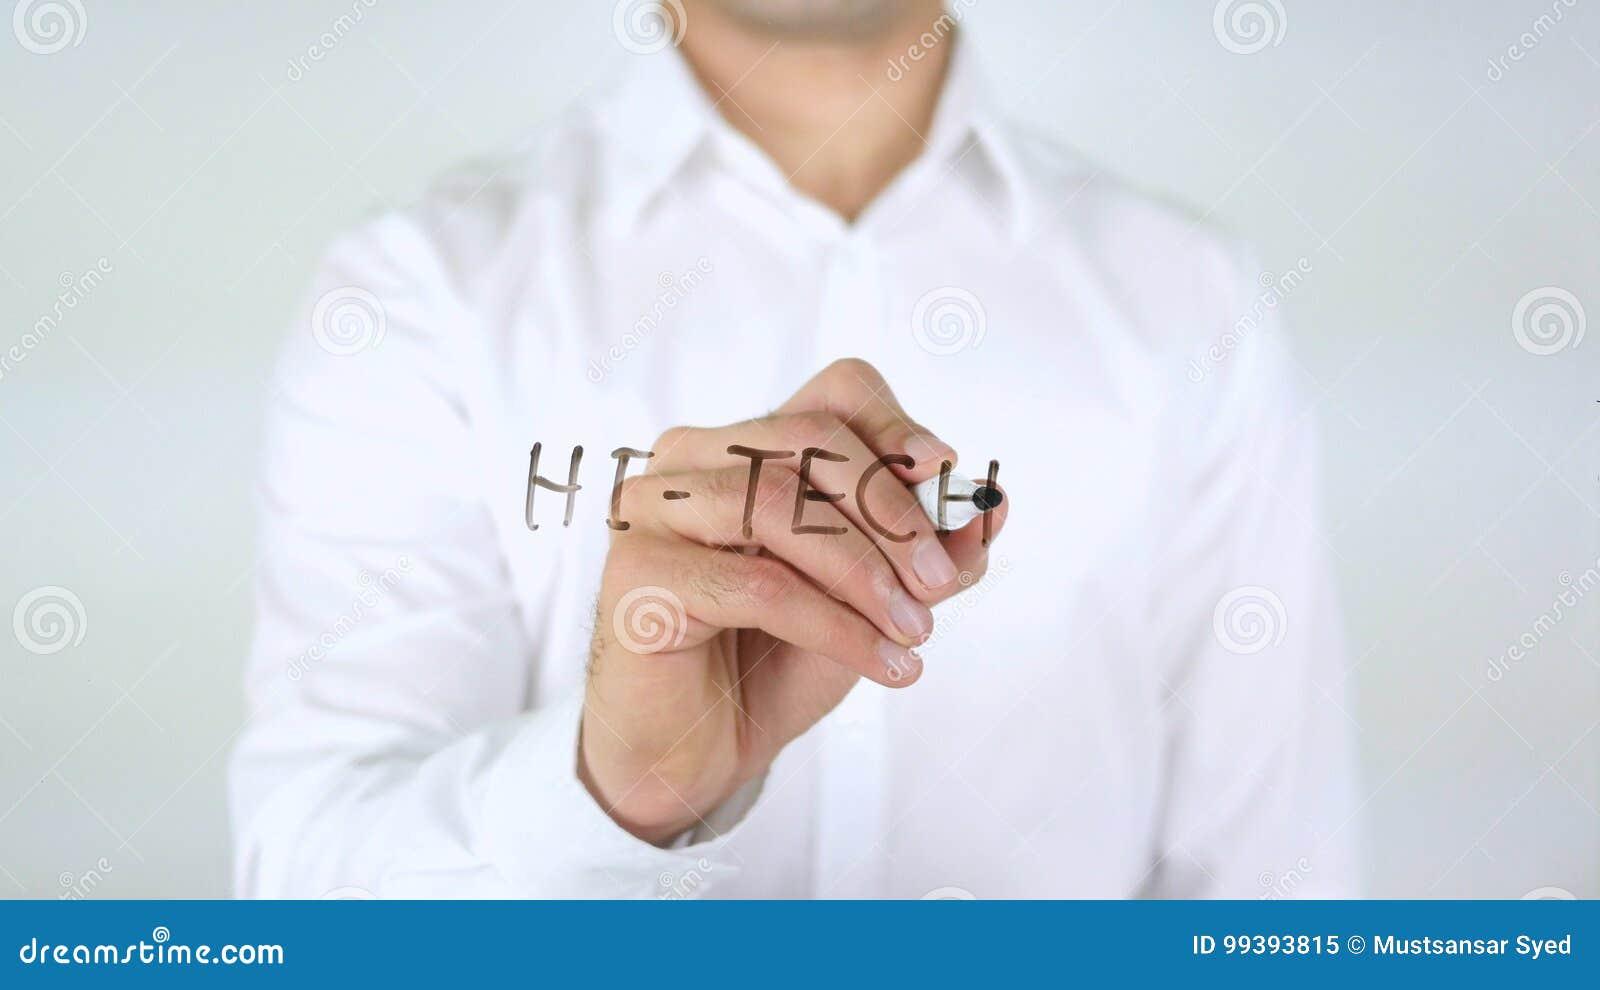 High-Tech, Geschäftsmann Writing auf Glas